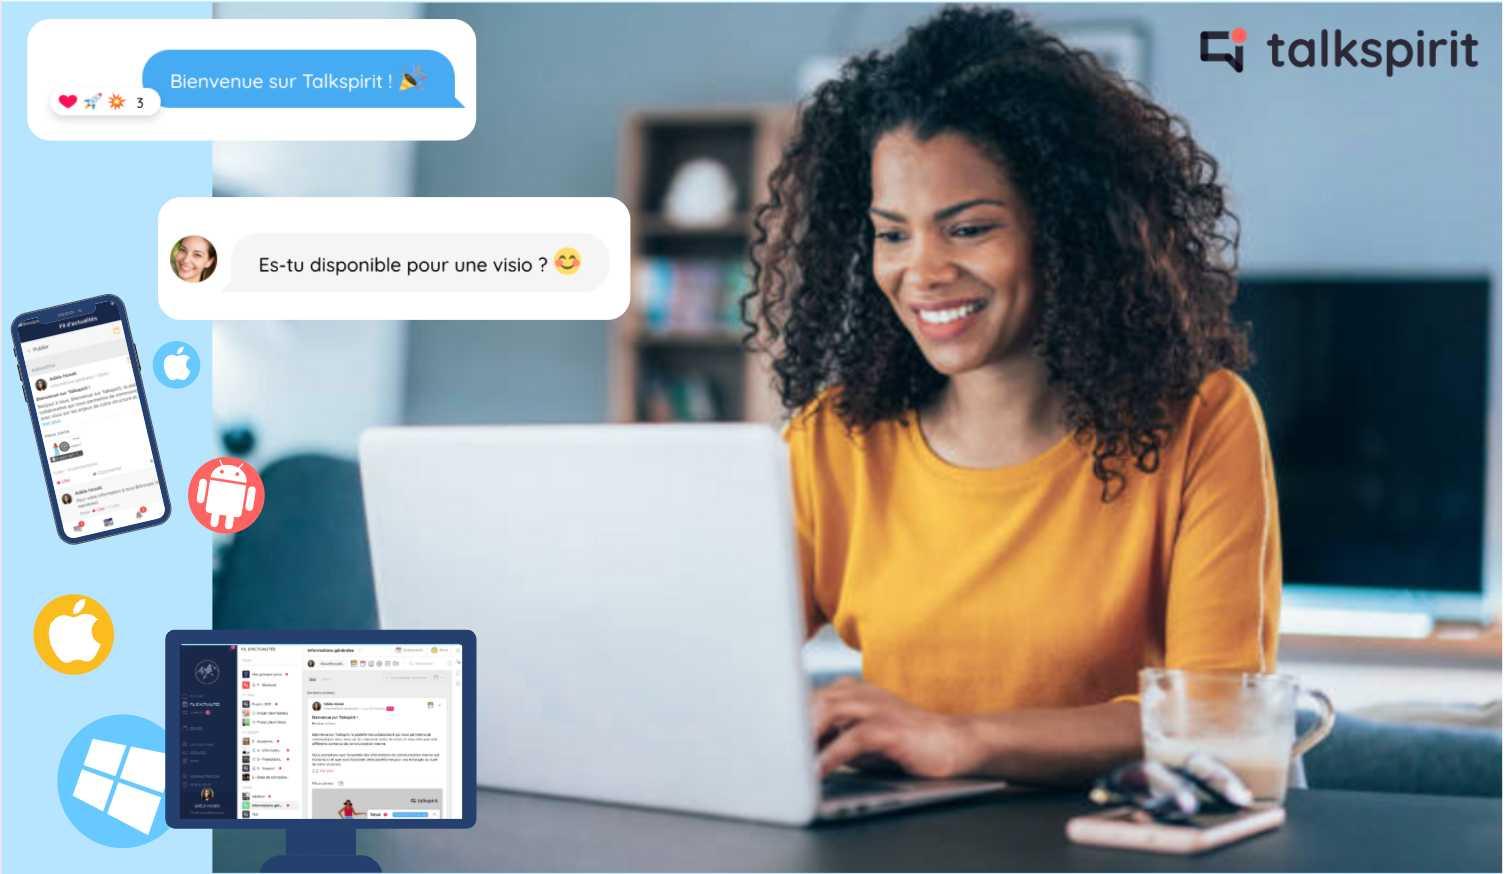 Interagissez facilement et gagnez en productivité avec Talkspirit